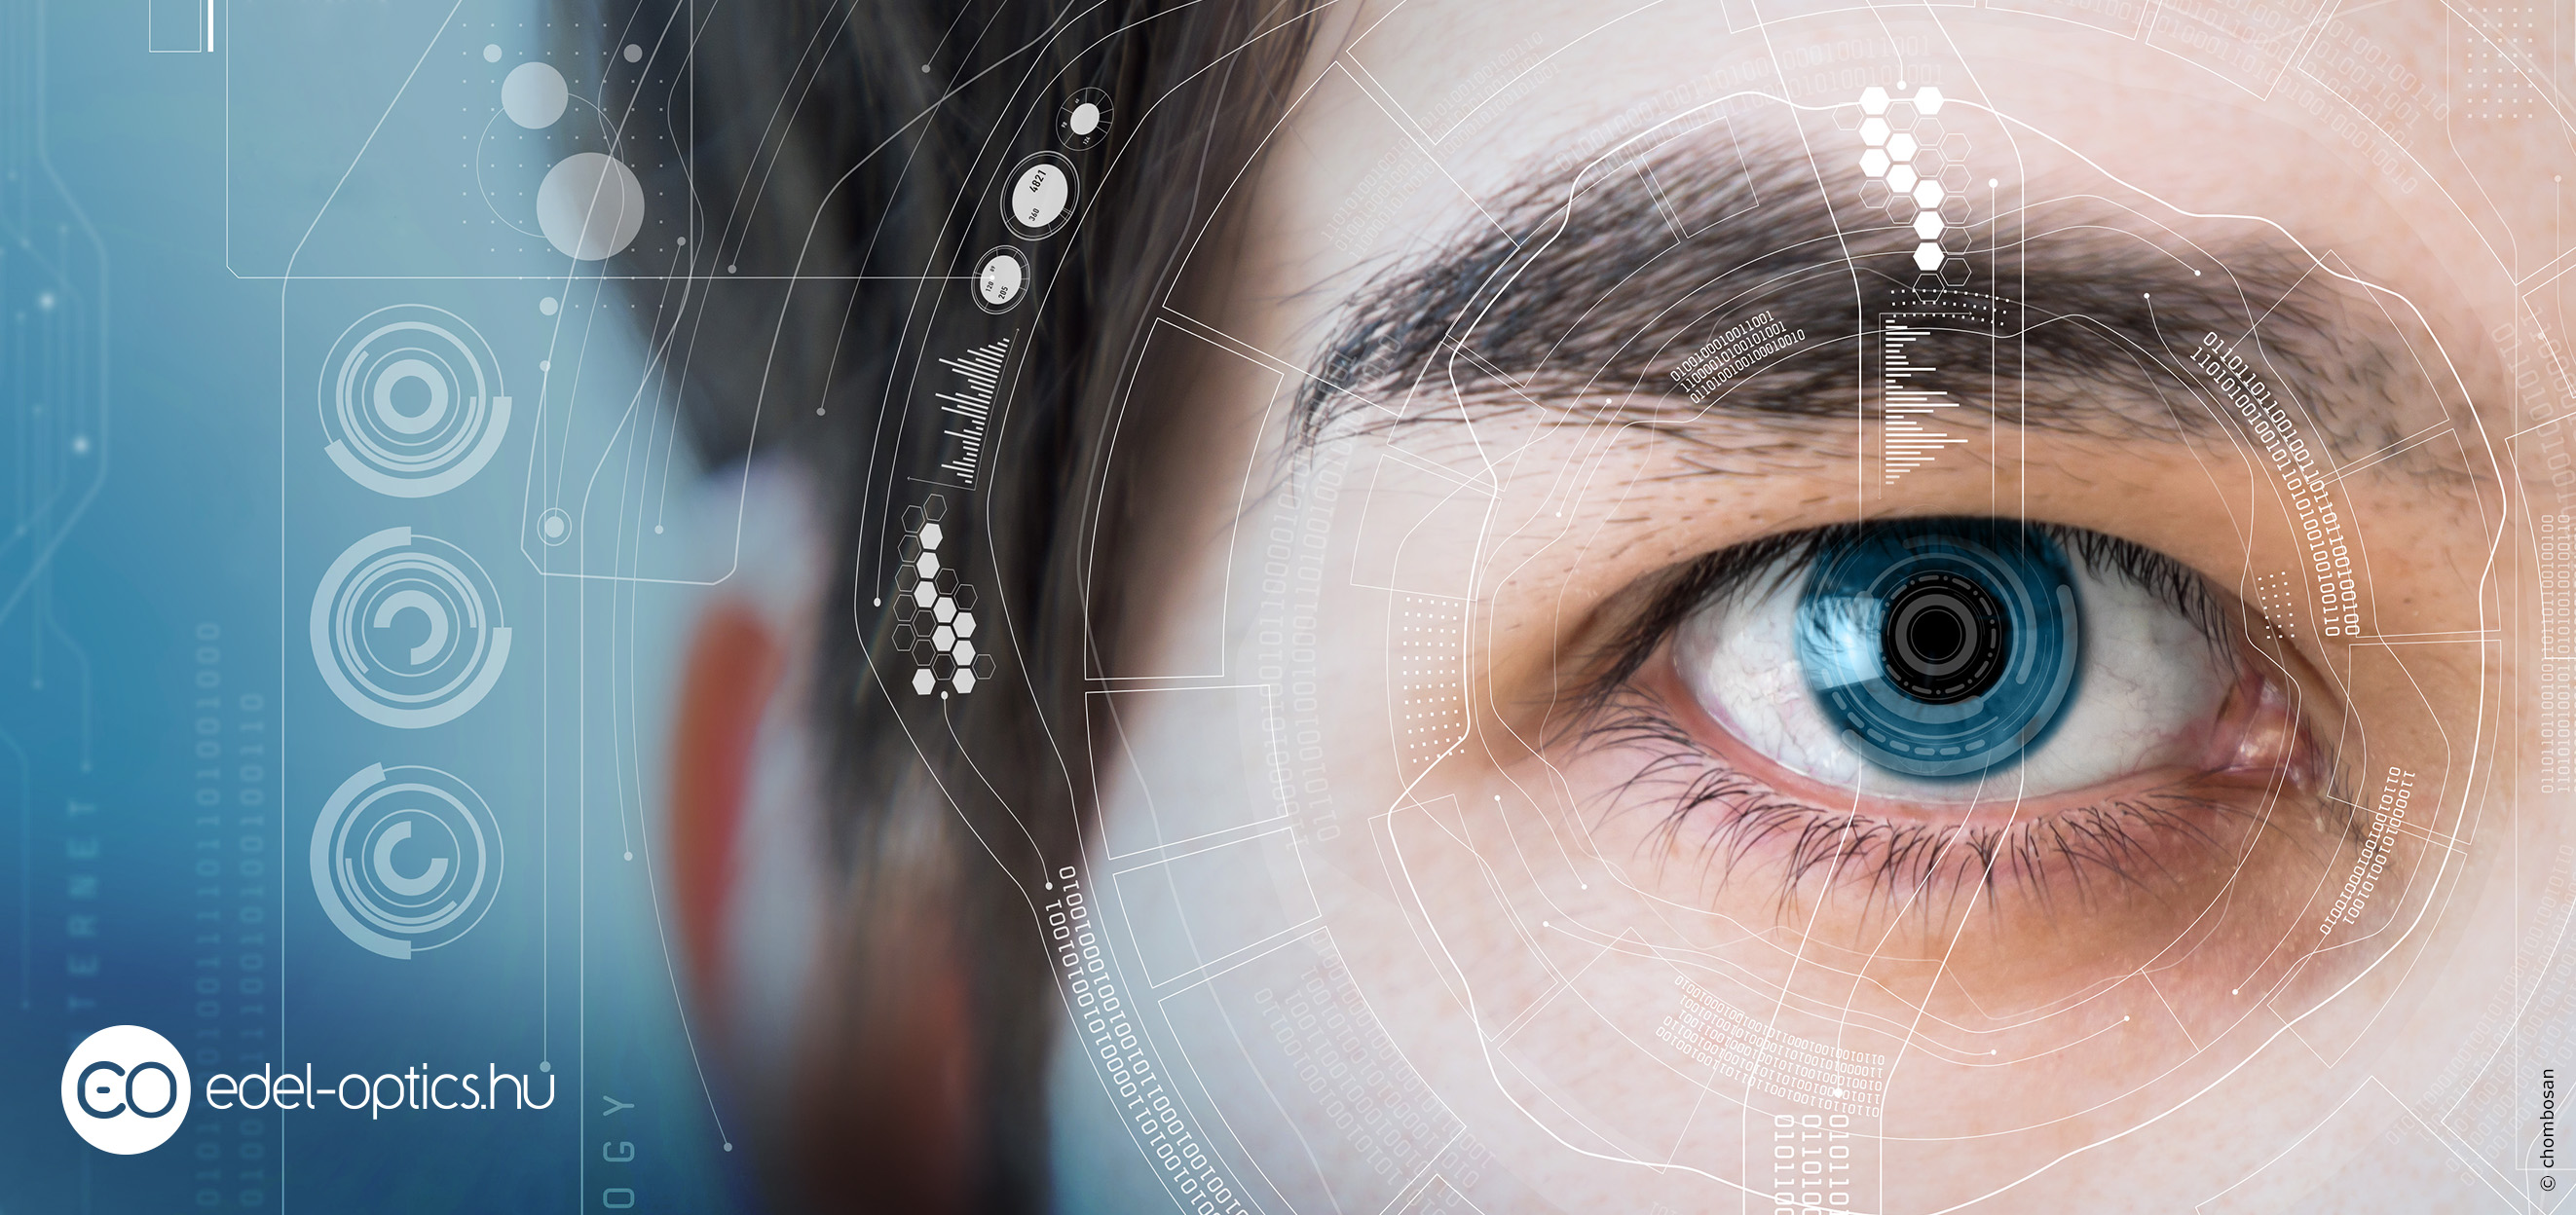 vizuális küszöbértékű vizsgálatok 5 a látás hány százaléka